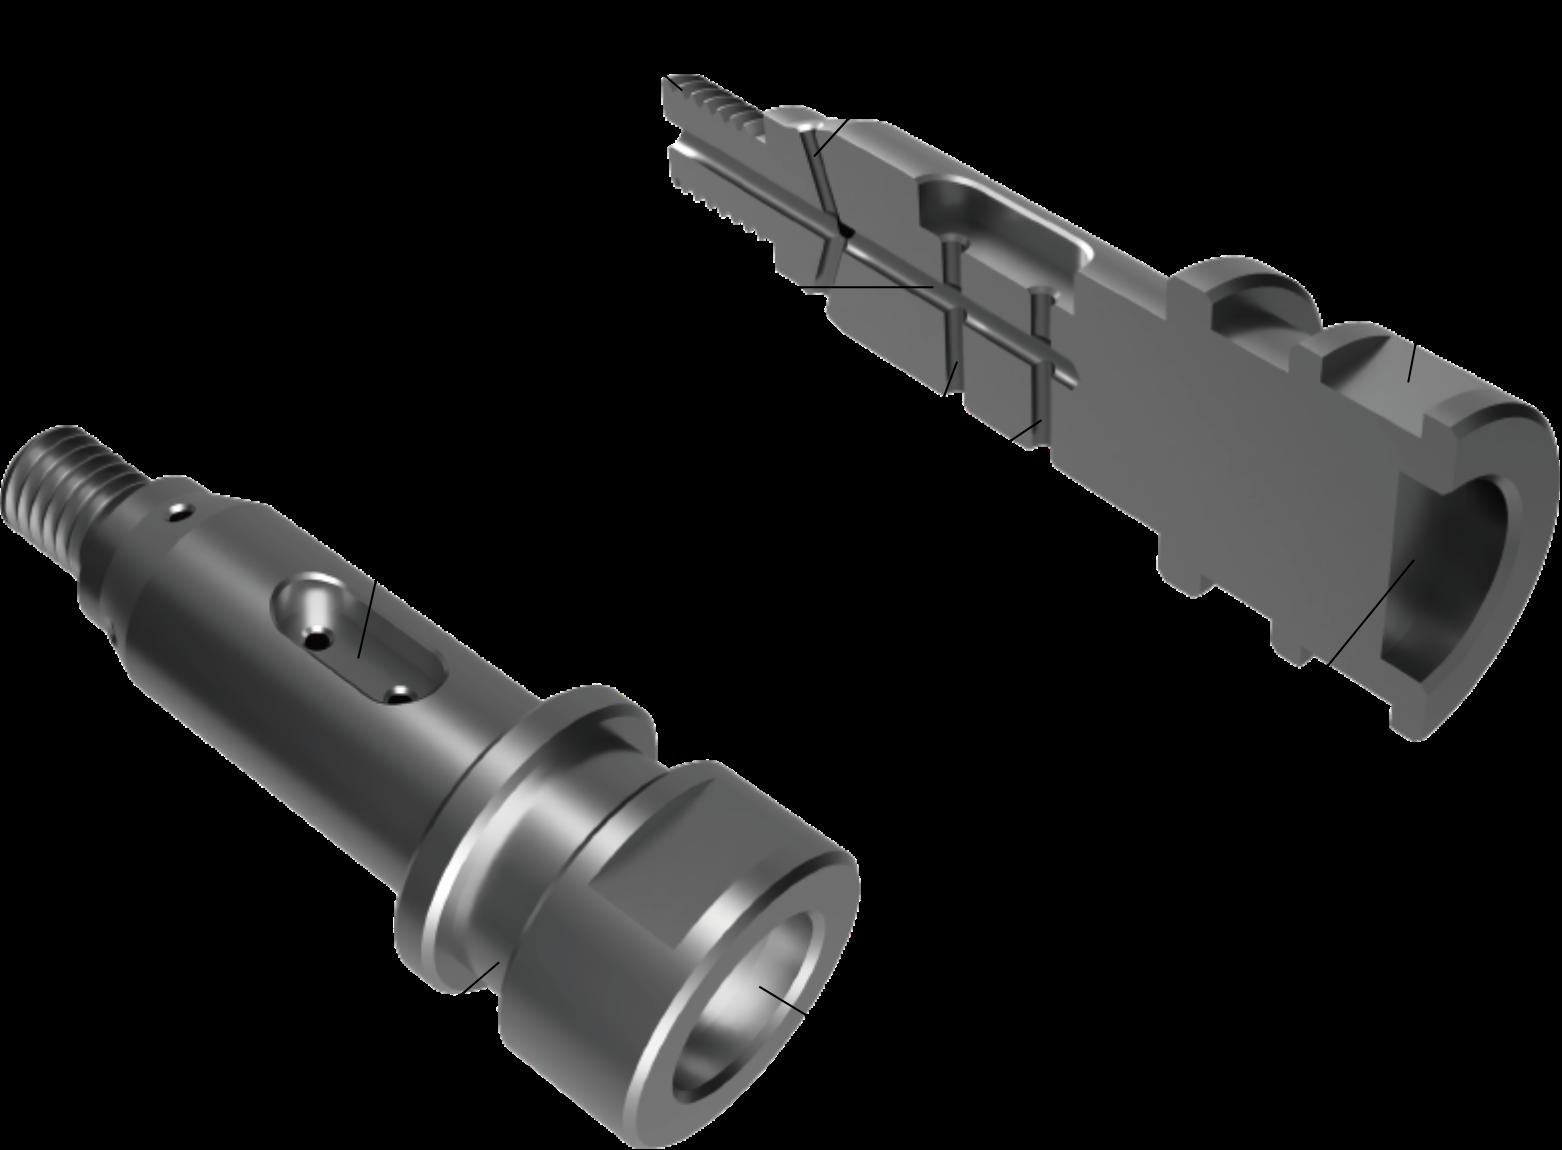 材料の回転を止め、回転工具にエンドミルをつけてキー溝加工を行います。 1チャックで行うので、精度よく仕上げることができます。